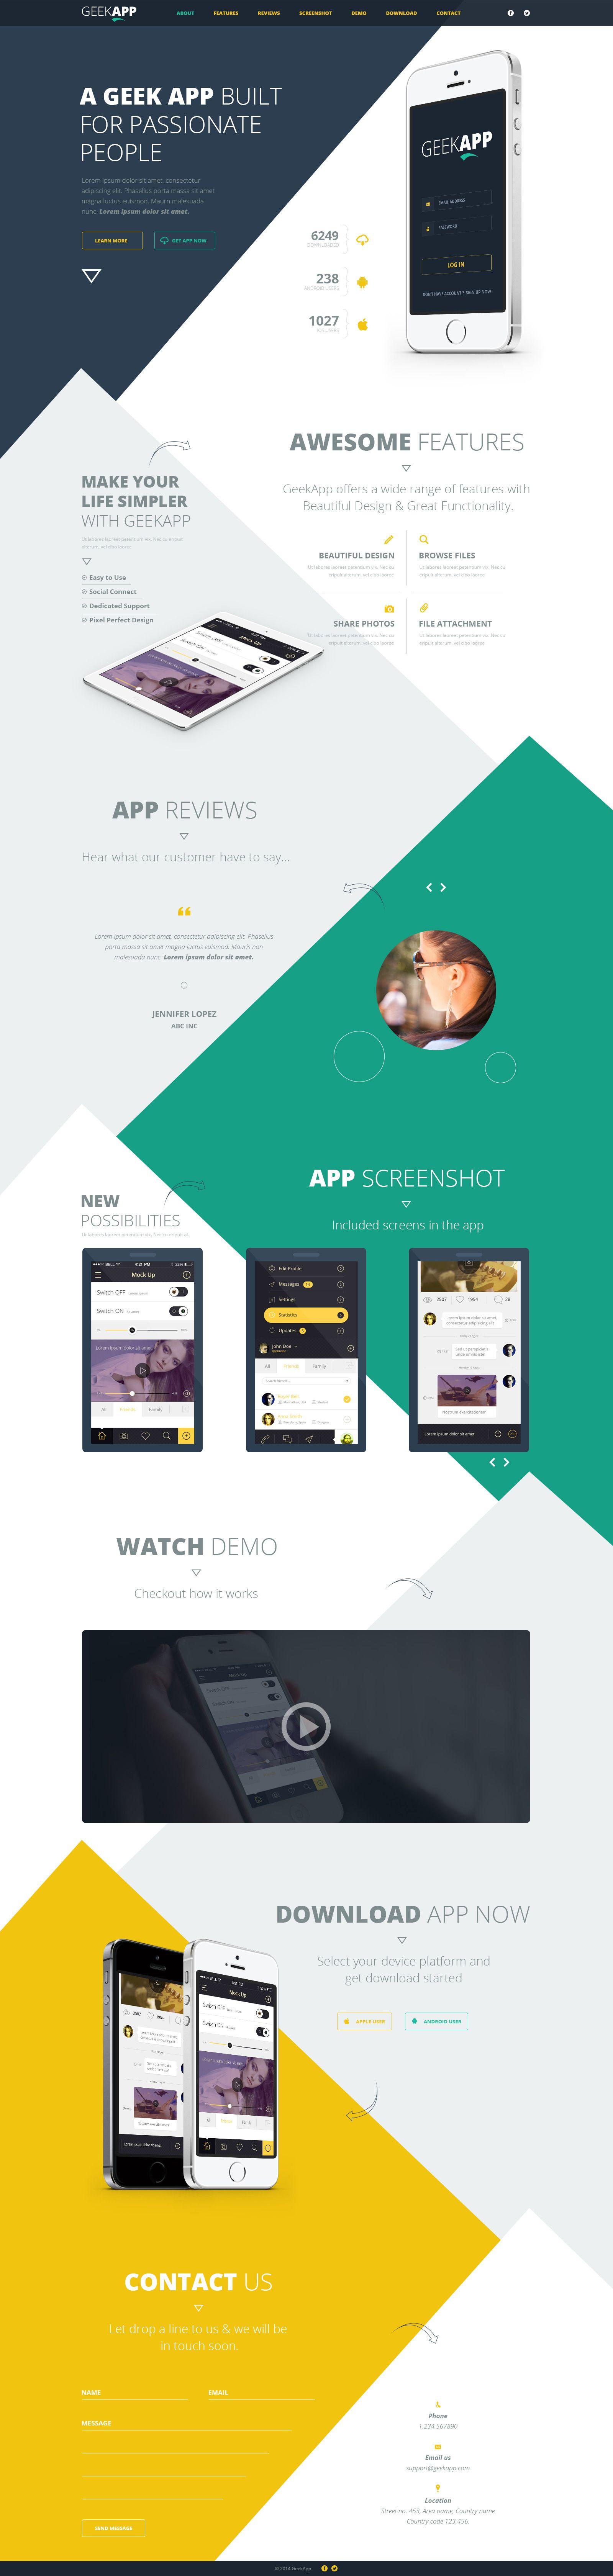 GeekApp - One Page App Landing PSD Template | Psd templates ...